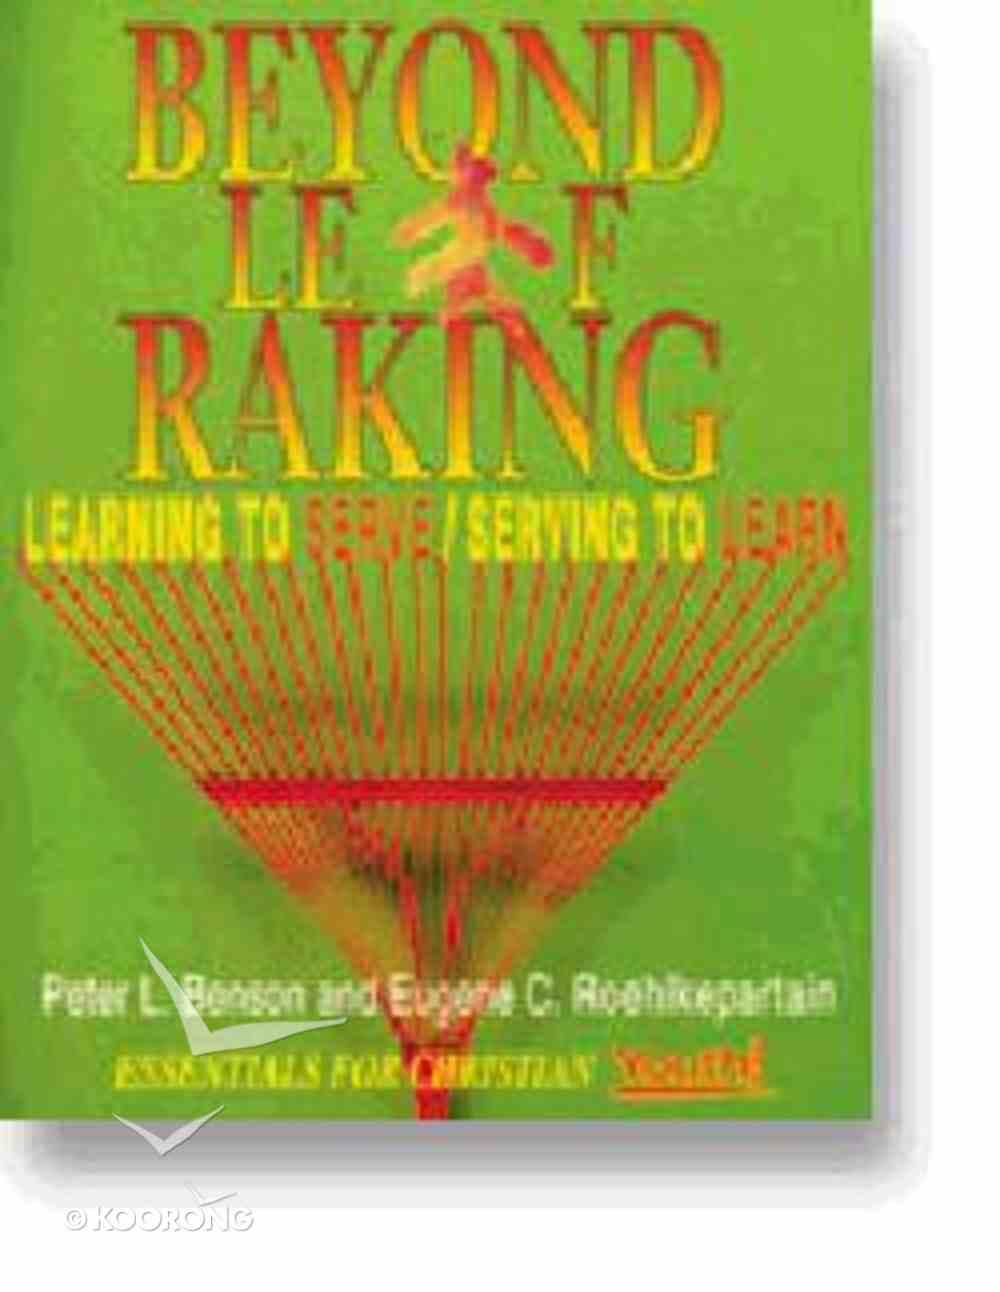 Beyond Leaf Raking Paperback